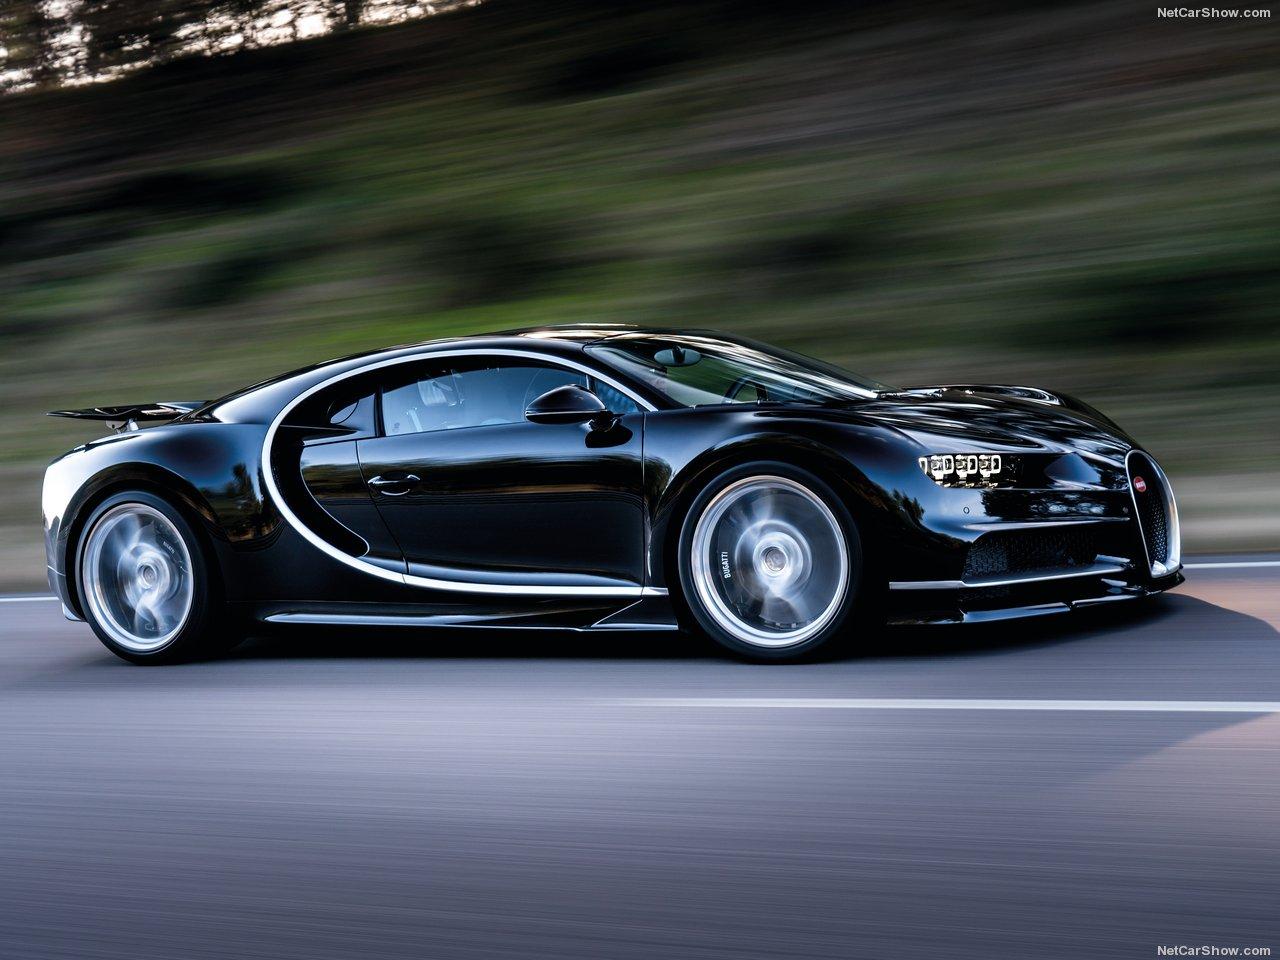 Velocidade máxima do Bugatti Chiron é de 420 km/h (limitado eletronicamente)